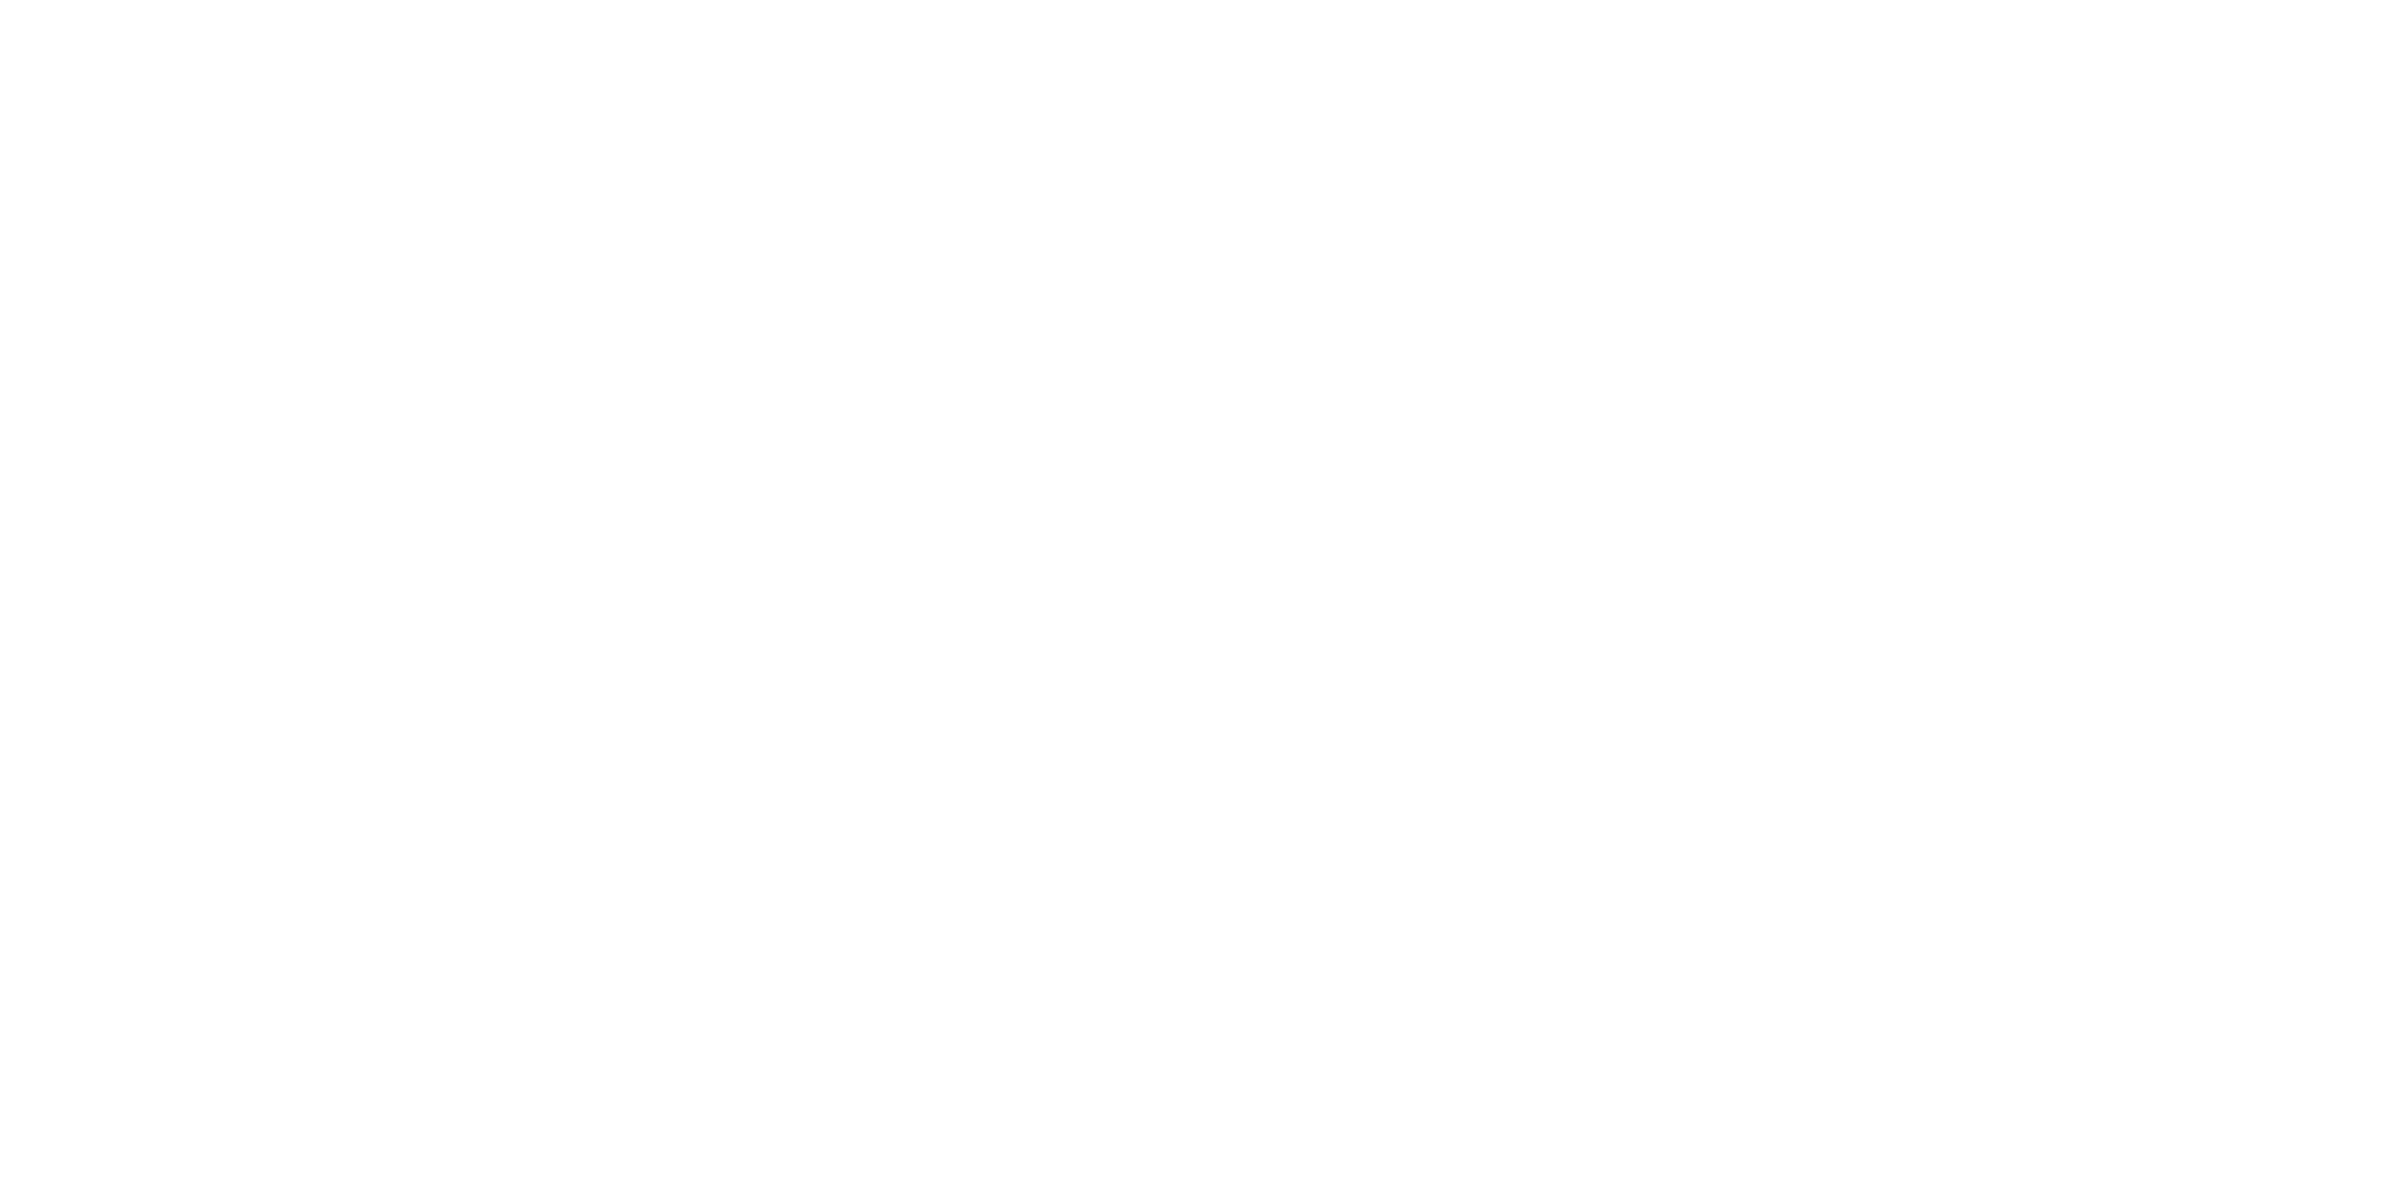 logo_mercado_de_casas_blanco.png